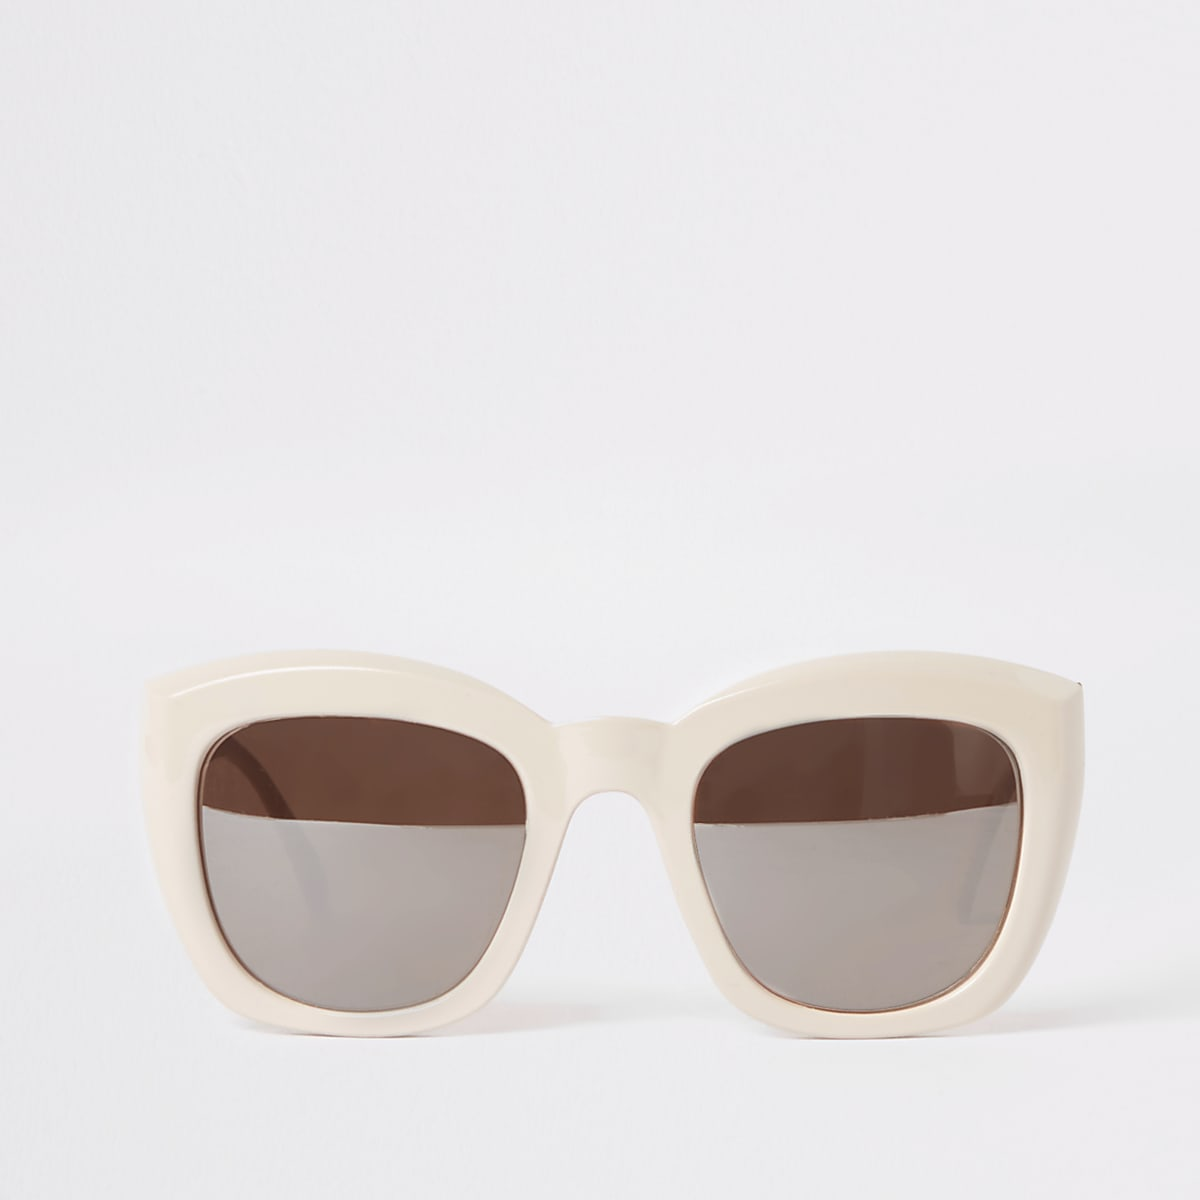 Beige square glam sunglasses